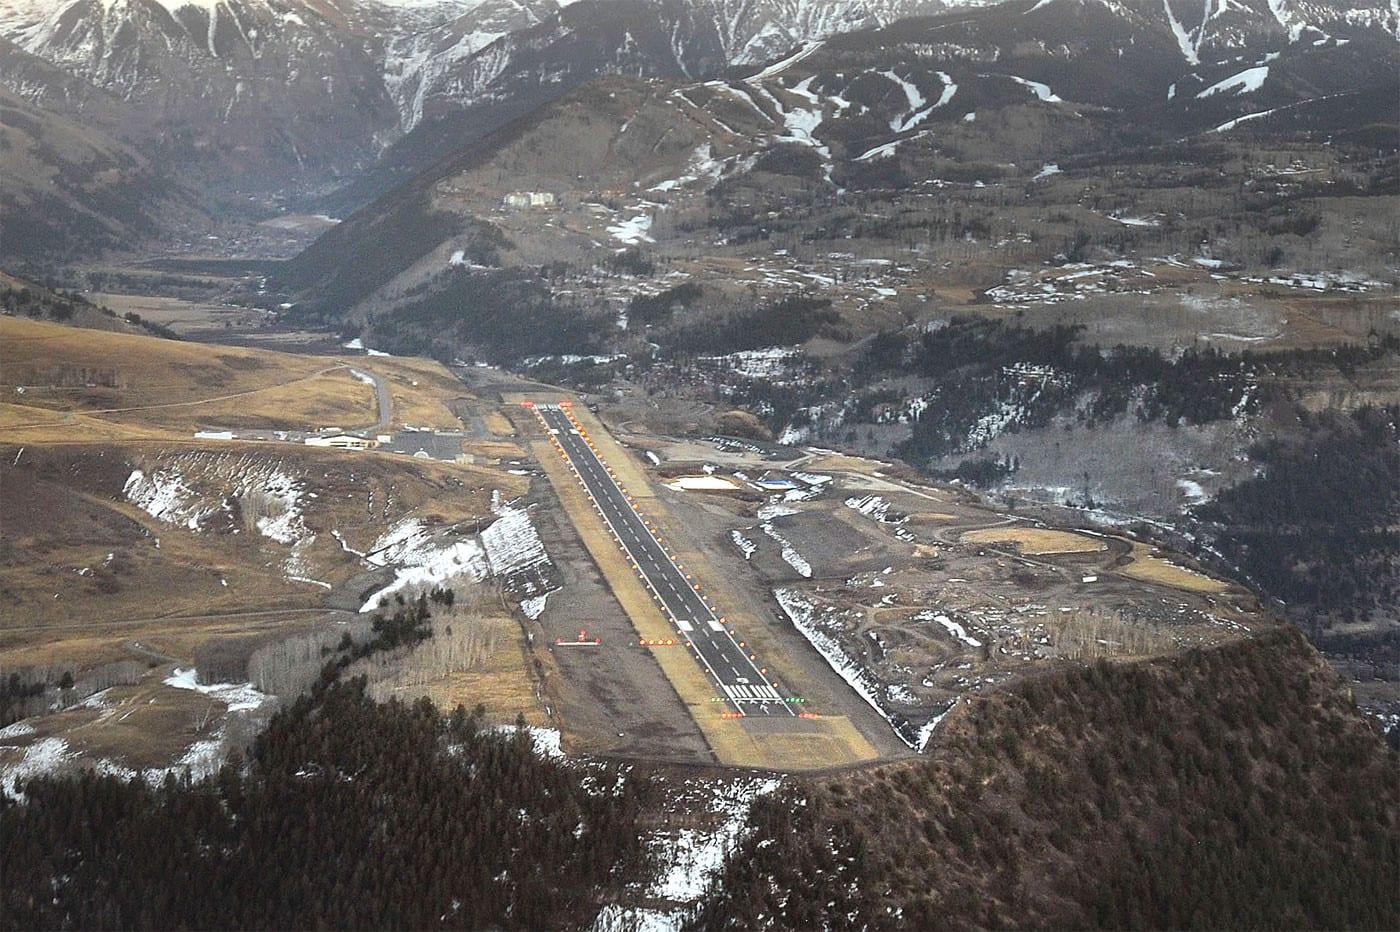 Telluride Regional Airport Runway Landing Strip Aerial View